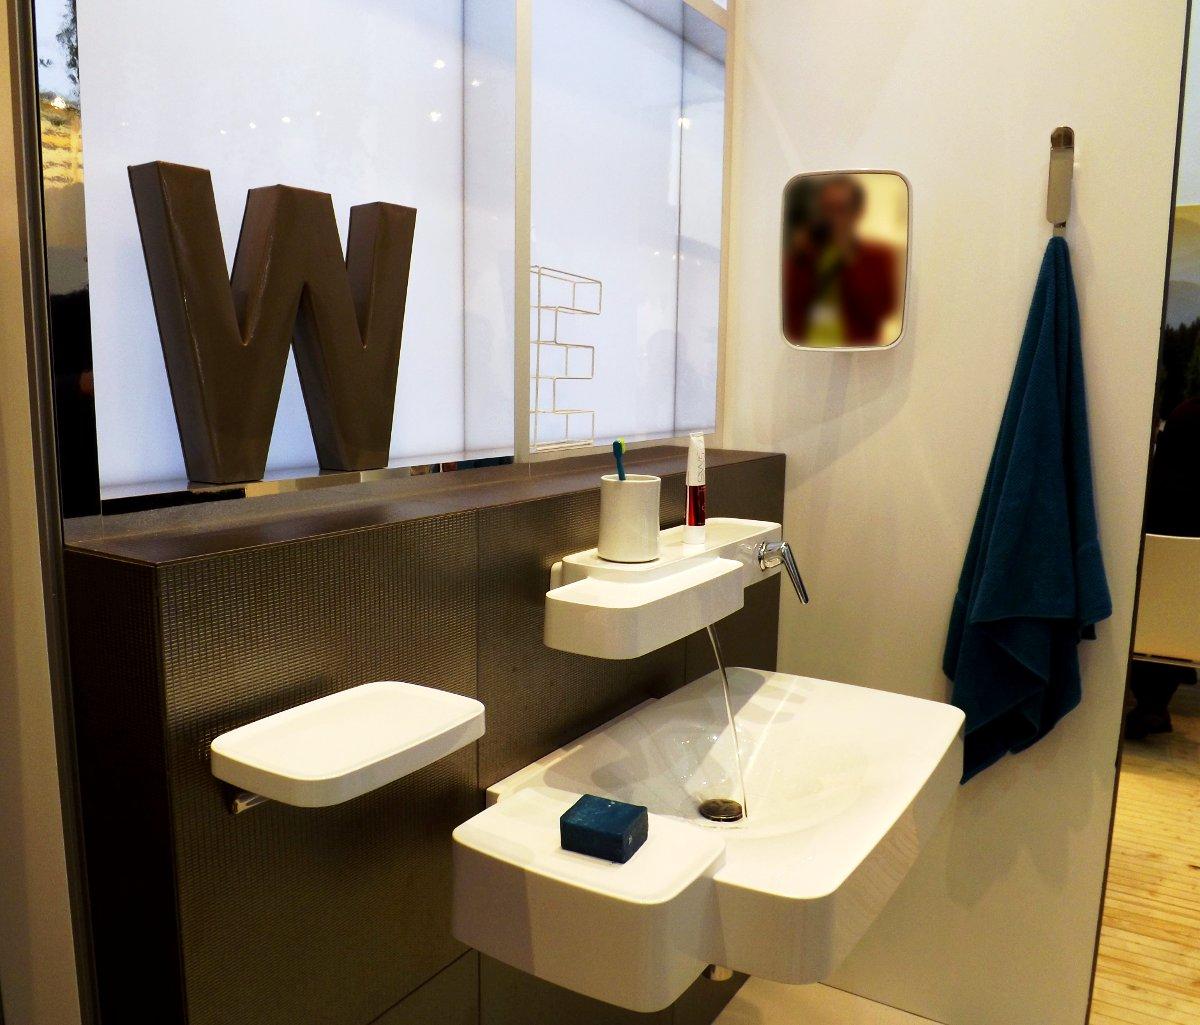 Демонстрация комплекта сантехники для ванной от Hansgrohe на выставке МосБилд-2013